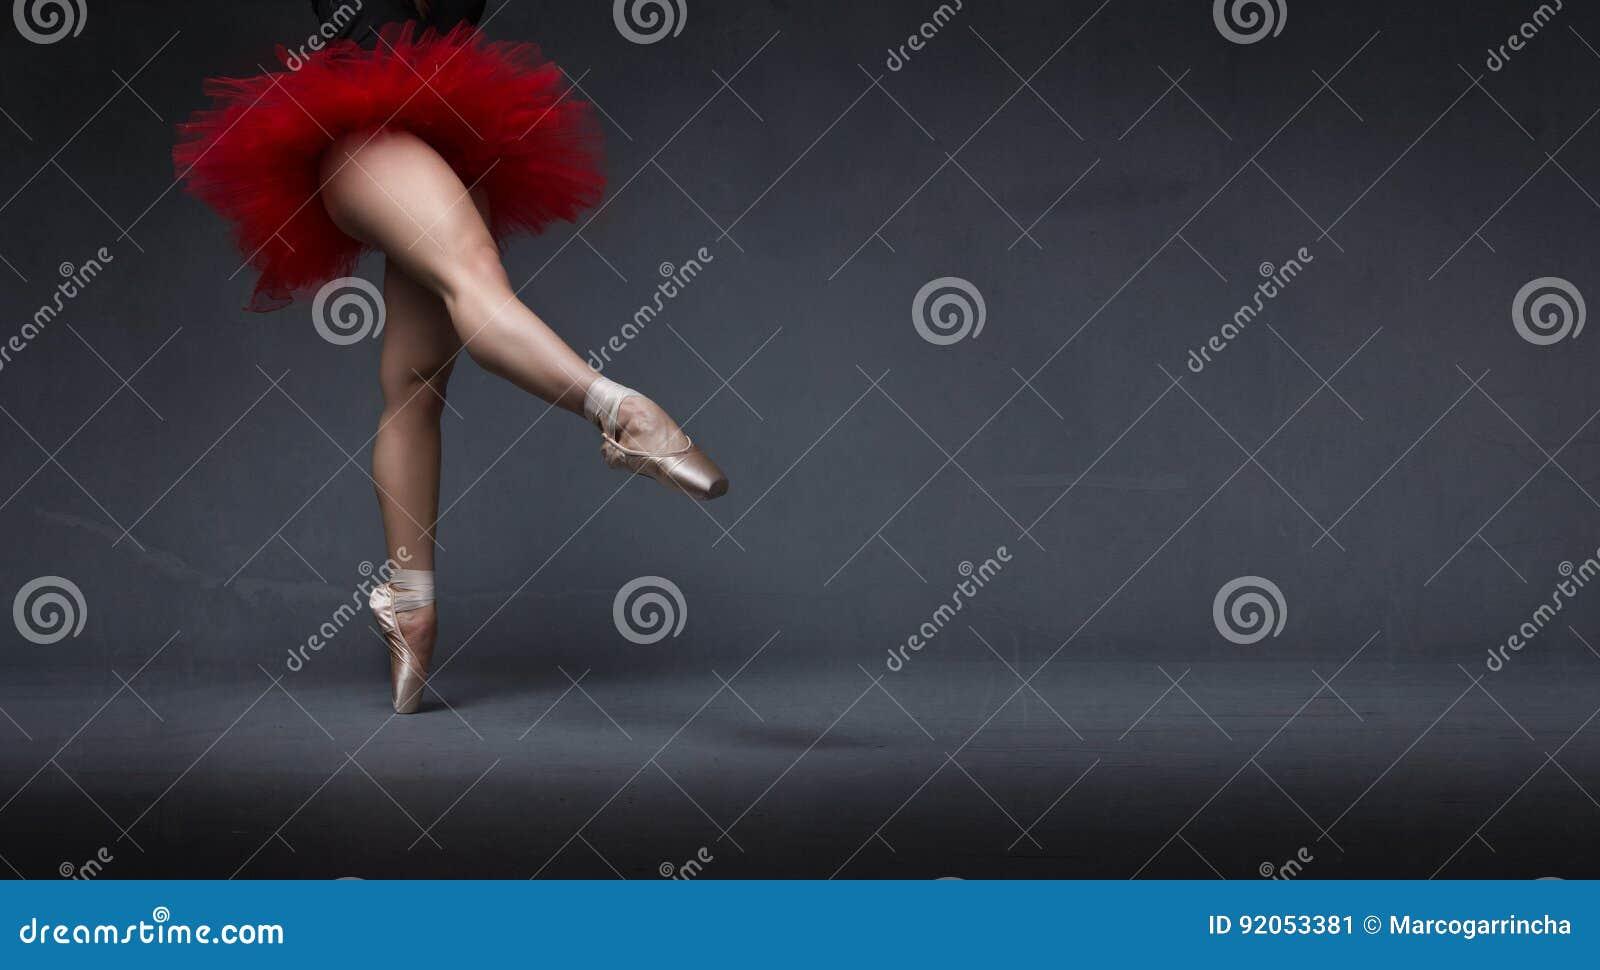 Балерина при балетная пачка показанная с ногой